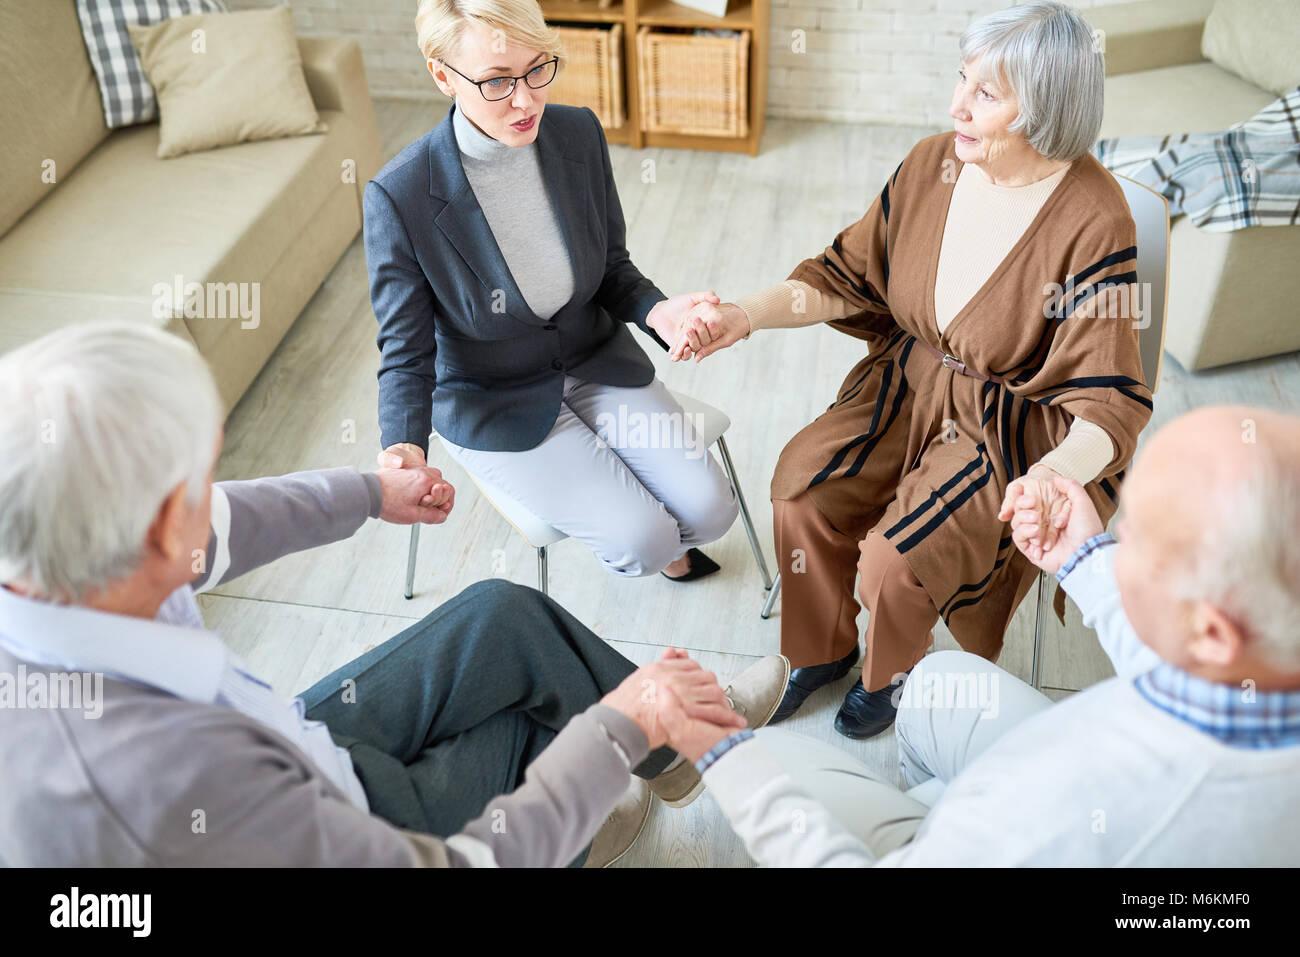 Círculo de apoyo en la sesión de terapia de grupo Imagen De Stock